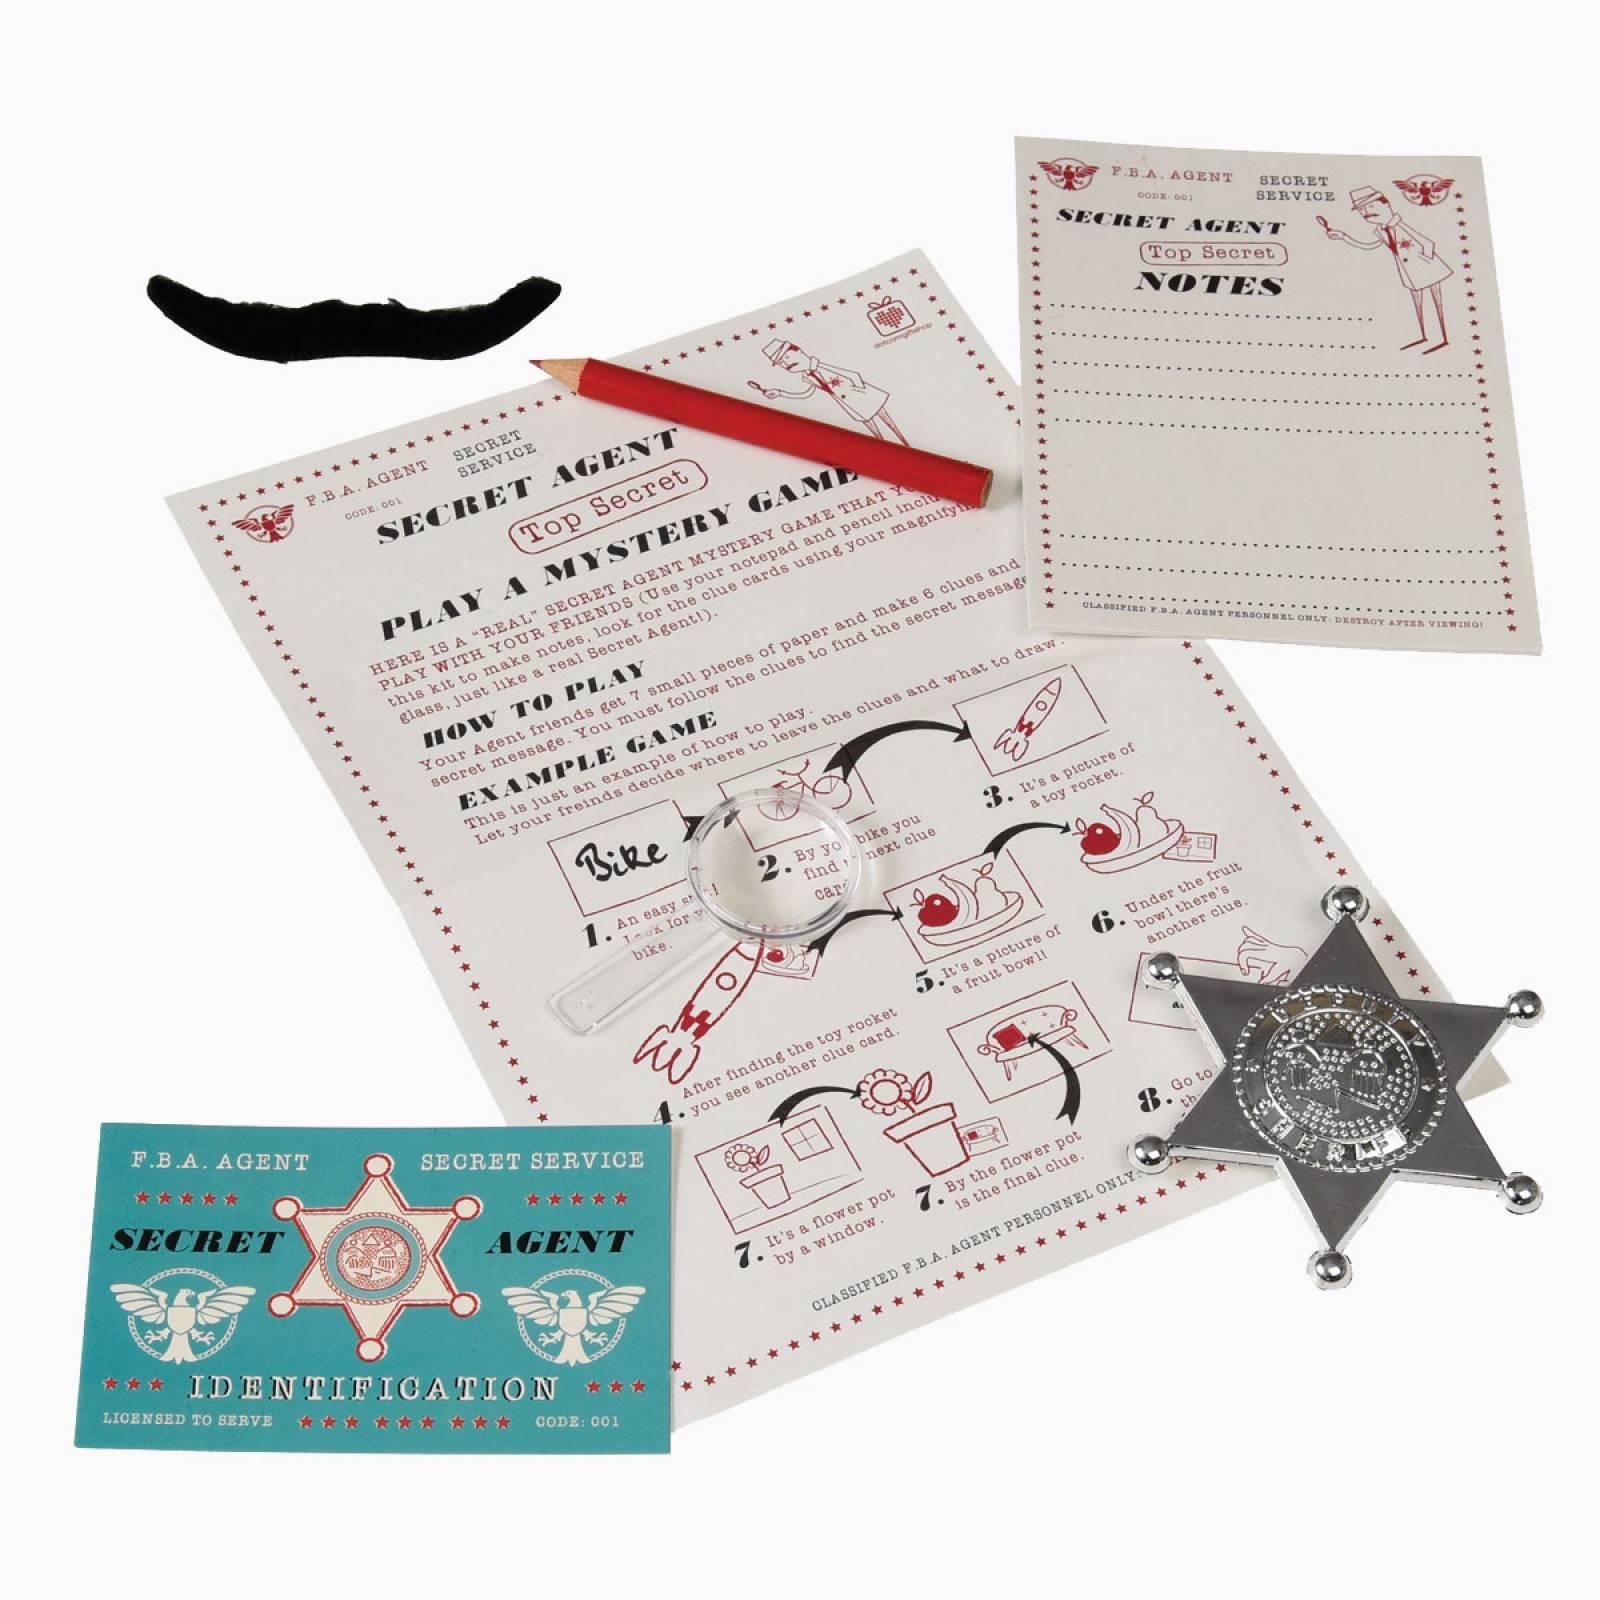 Secret Agent Detective Set Spy Kit thumbnails